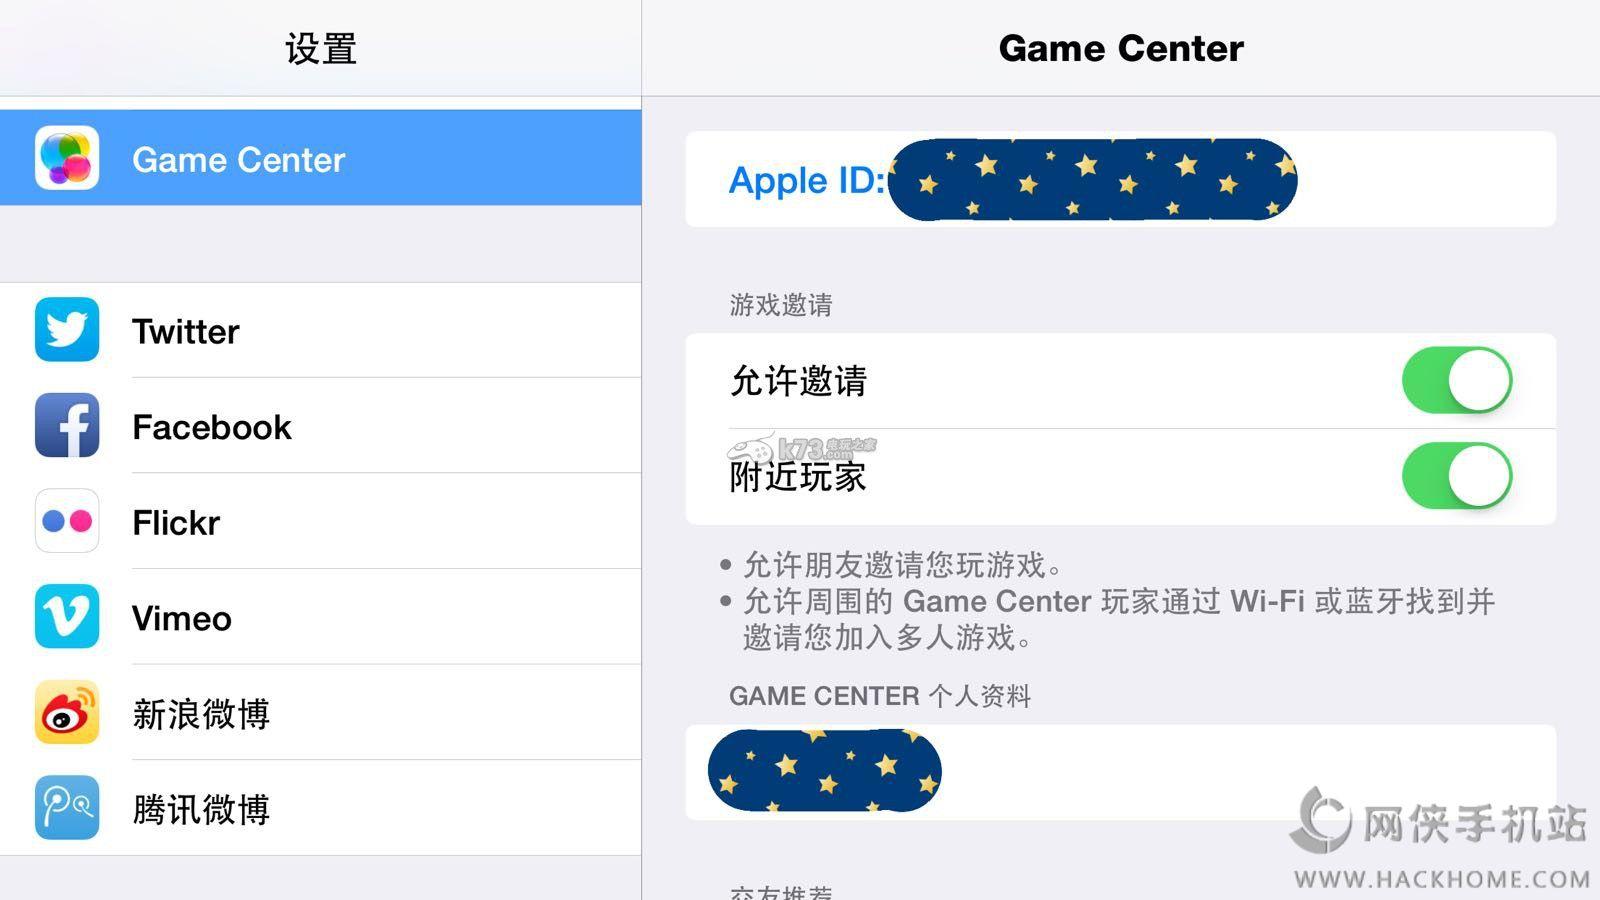 小黄人大眼萌乐园ios苹果用户绑定game center帐号设备教程[多图]